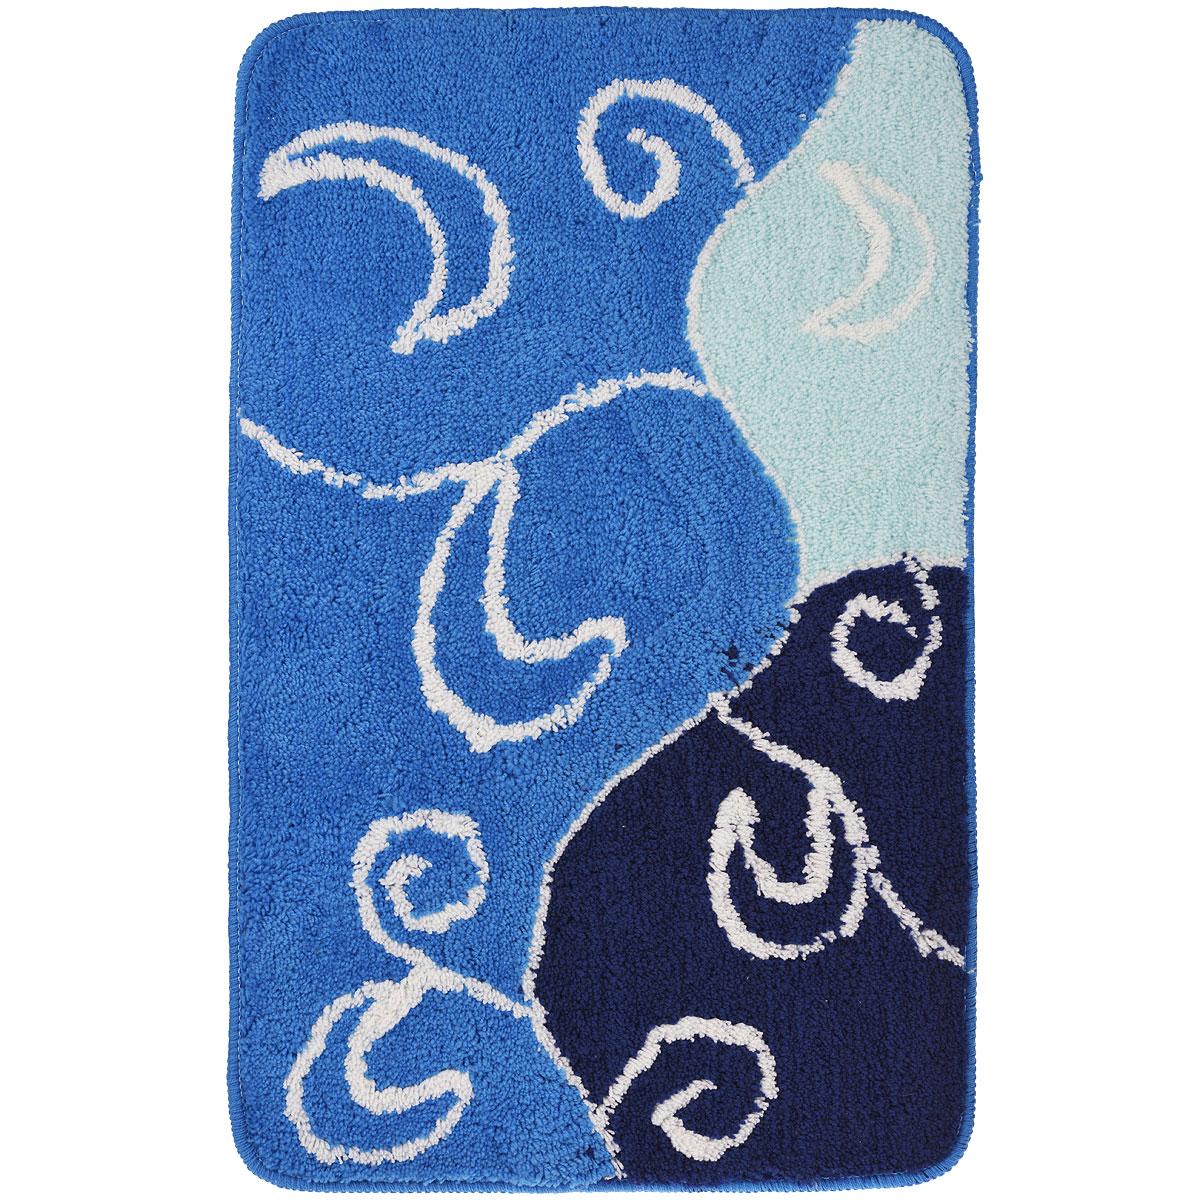 Коврик для ванной комнаты Fresh Code, цвет: синий, 80 х 50 см54930Коврик для ванной Fresh Code изготовлен из 100% акрила с латексной основой. Коврик, украшенный ярким цветным рисунком, создаст уют и комфорт в ванной комнате. Длинный ворс мягко соприкасается с кожей стоп, вызывая только приятные ощущения. Рекомендации по уходу: - стирать в ручном режиме, - не использовать отбеливатели, - не гладить, - не подходит для сухой чистки (химчистки).